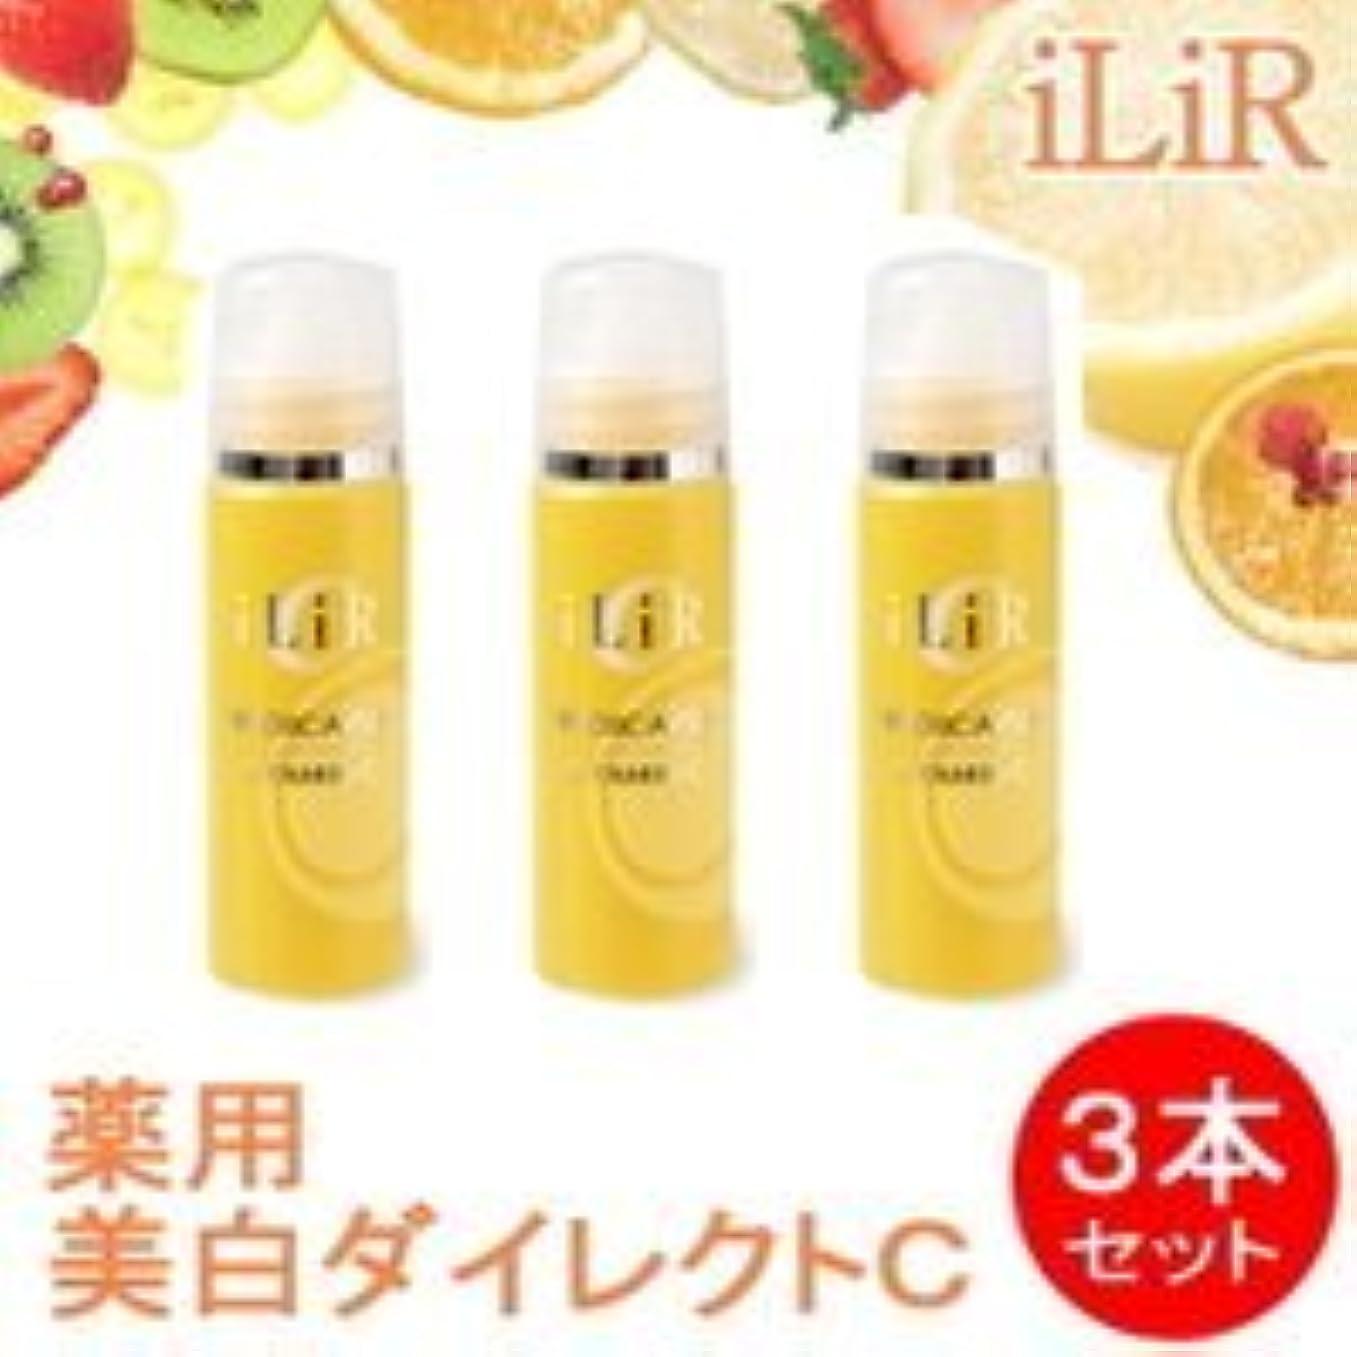 雑品パパ優しさイリアール 薬用美白ダイレクトC 3本入り 医薬部外品  独自製法のマイクロカプセルが、お肌に付けるまでビタミンCを新鮮に保存。 iLiR 美容液